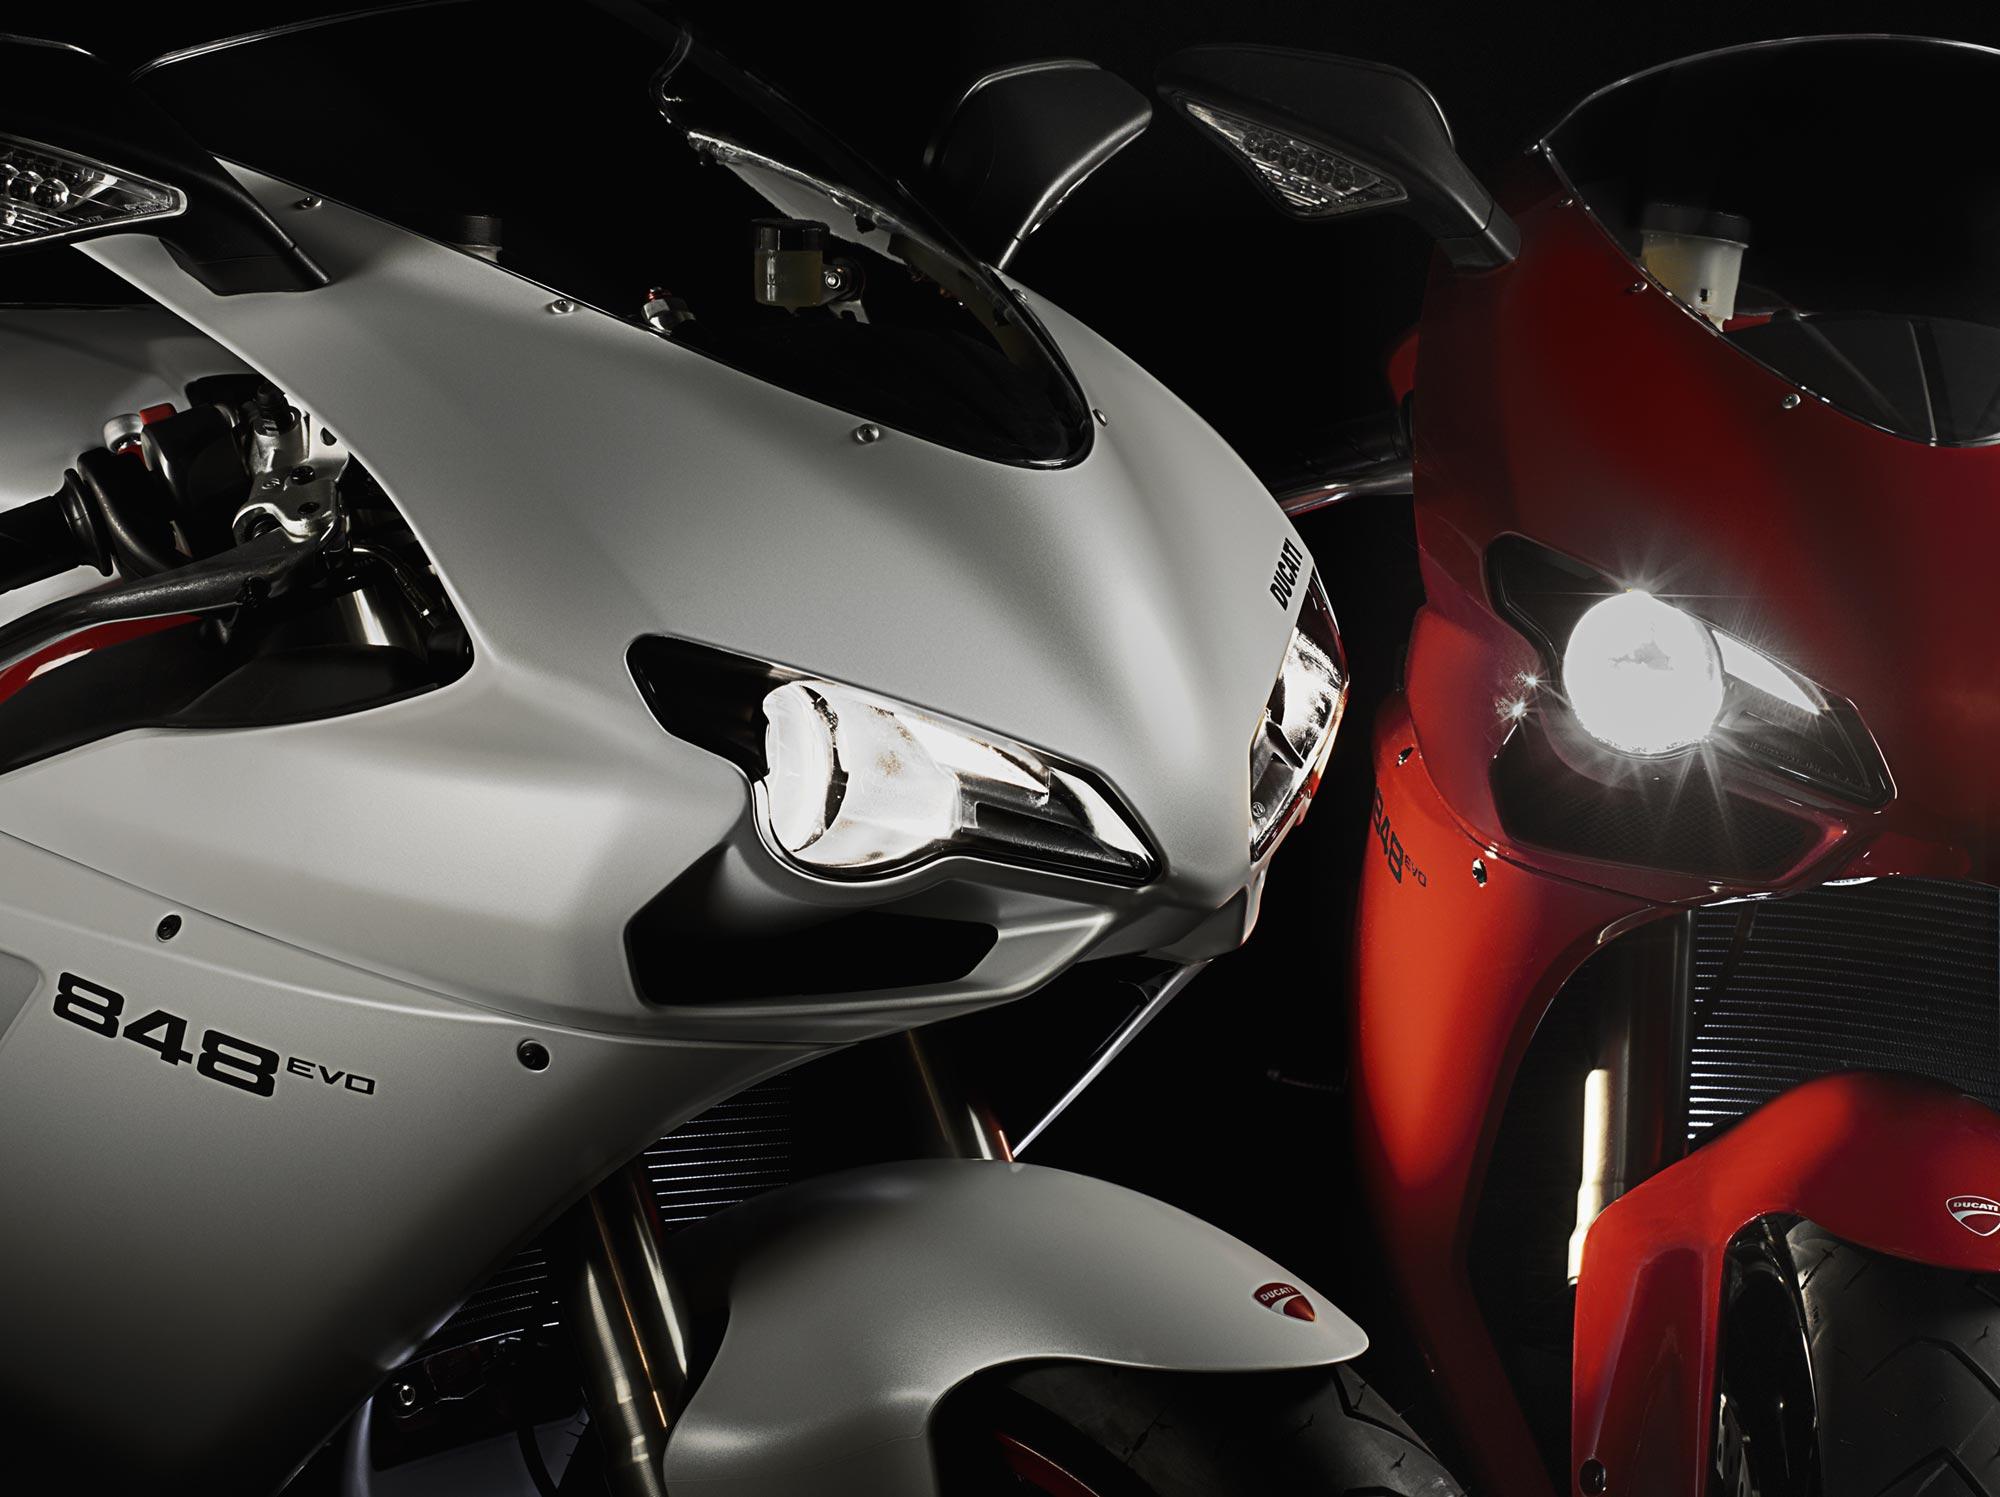 Ducati Superbike 1199 Will Have Led Headlight Asphalt